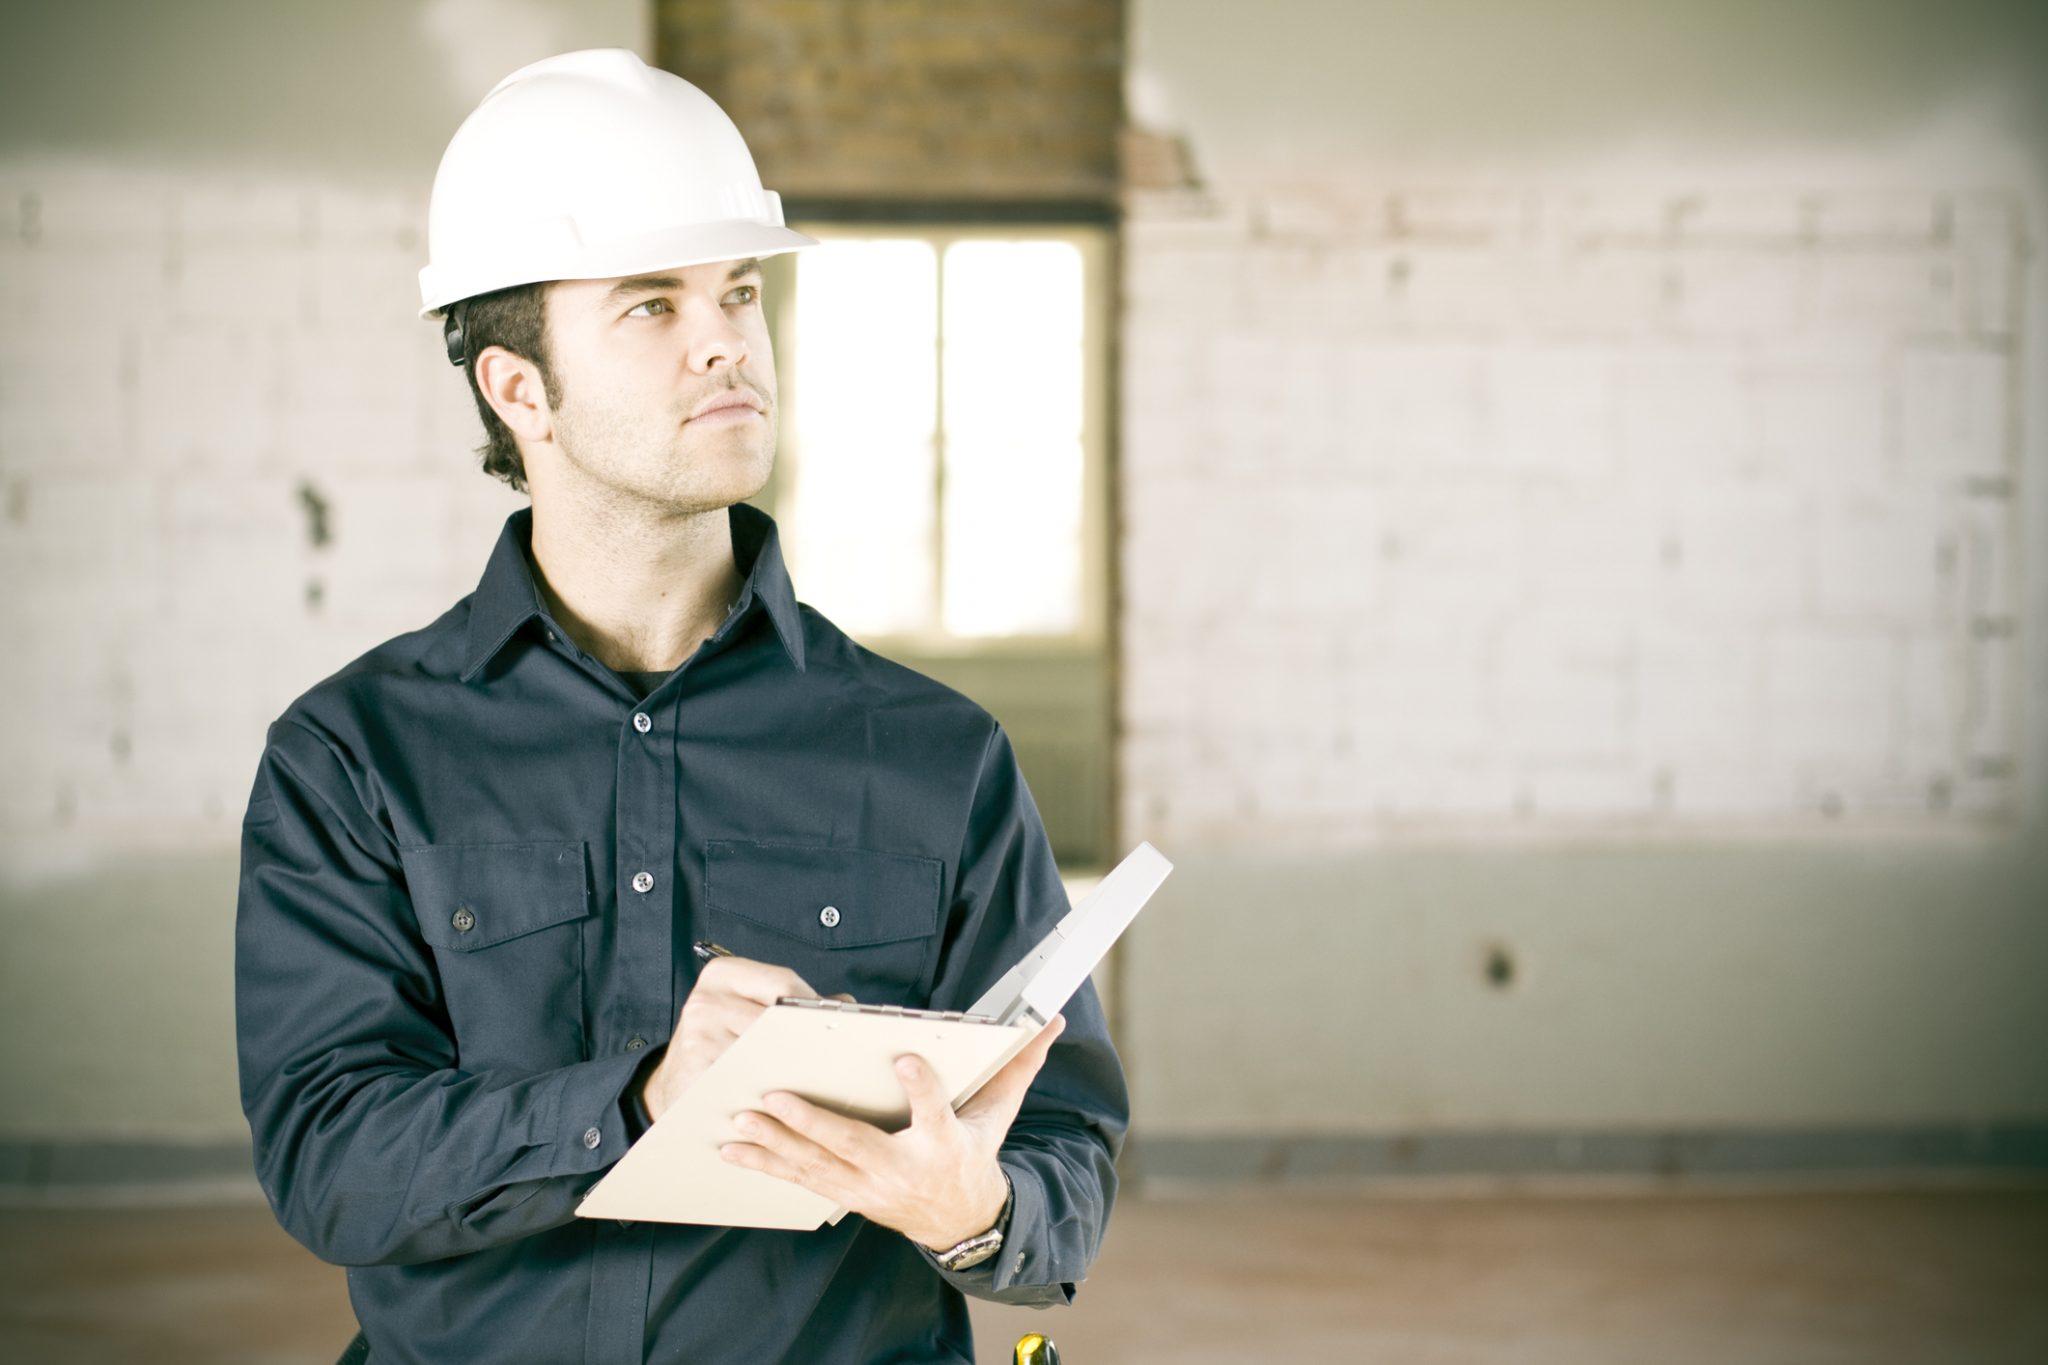 Un travailleur inspecte un bâtiment en prenant des notes